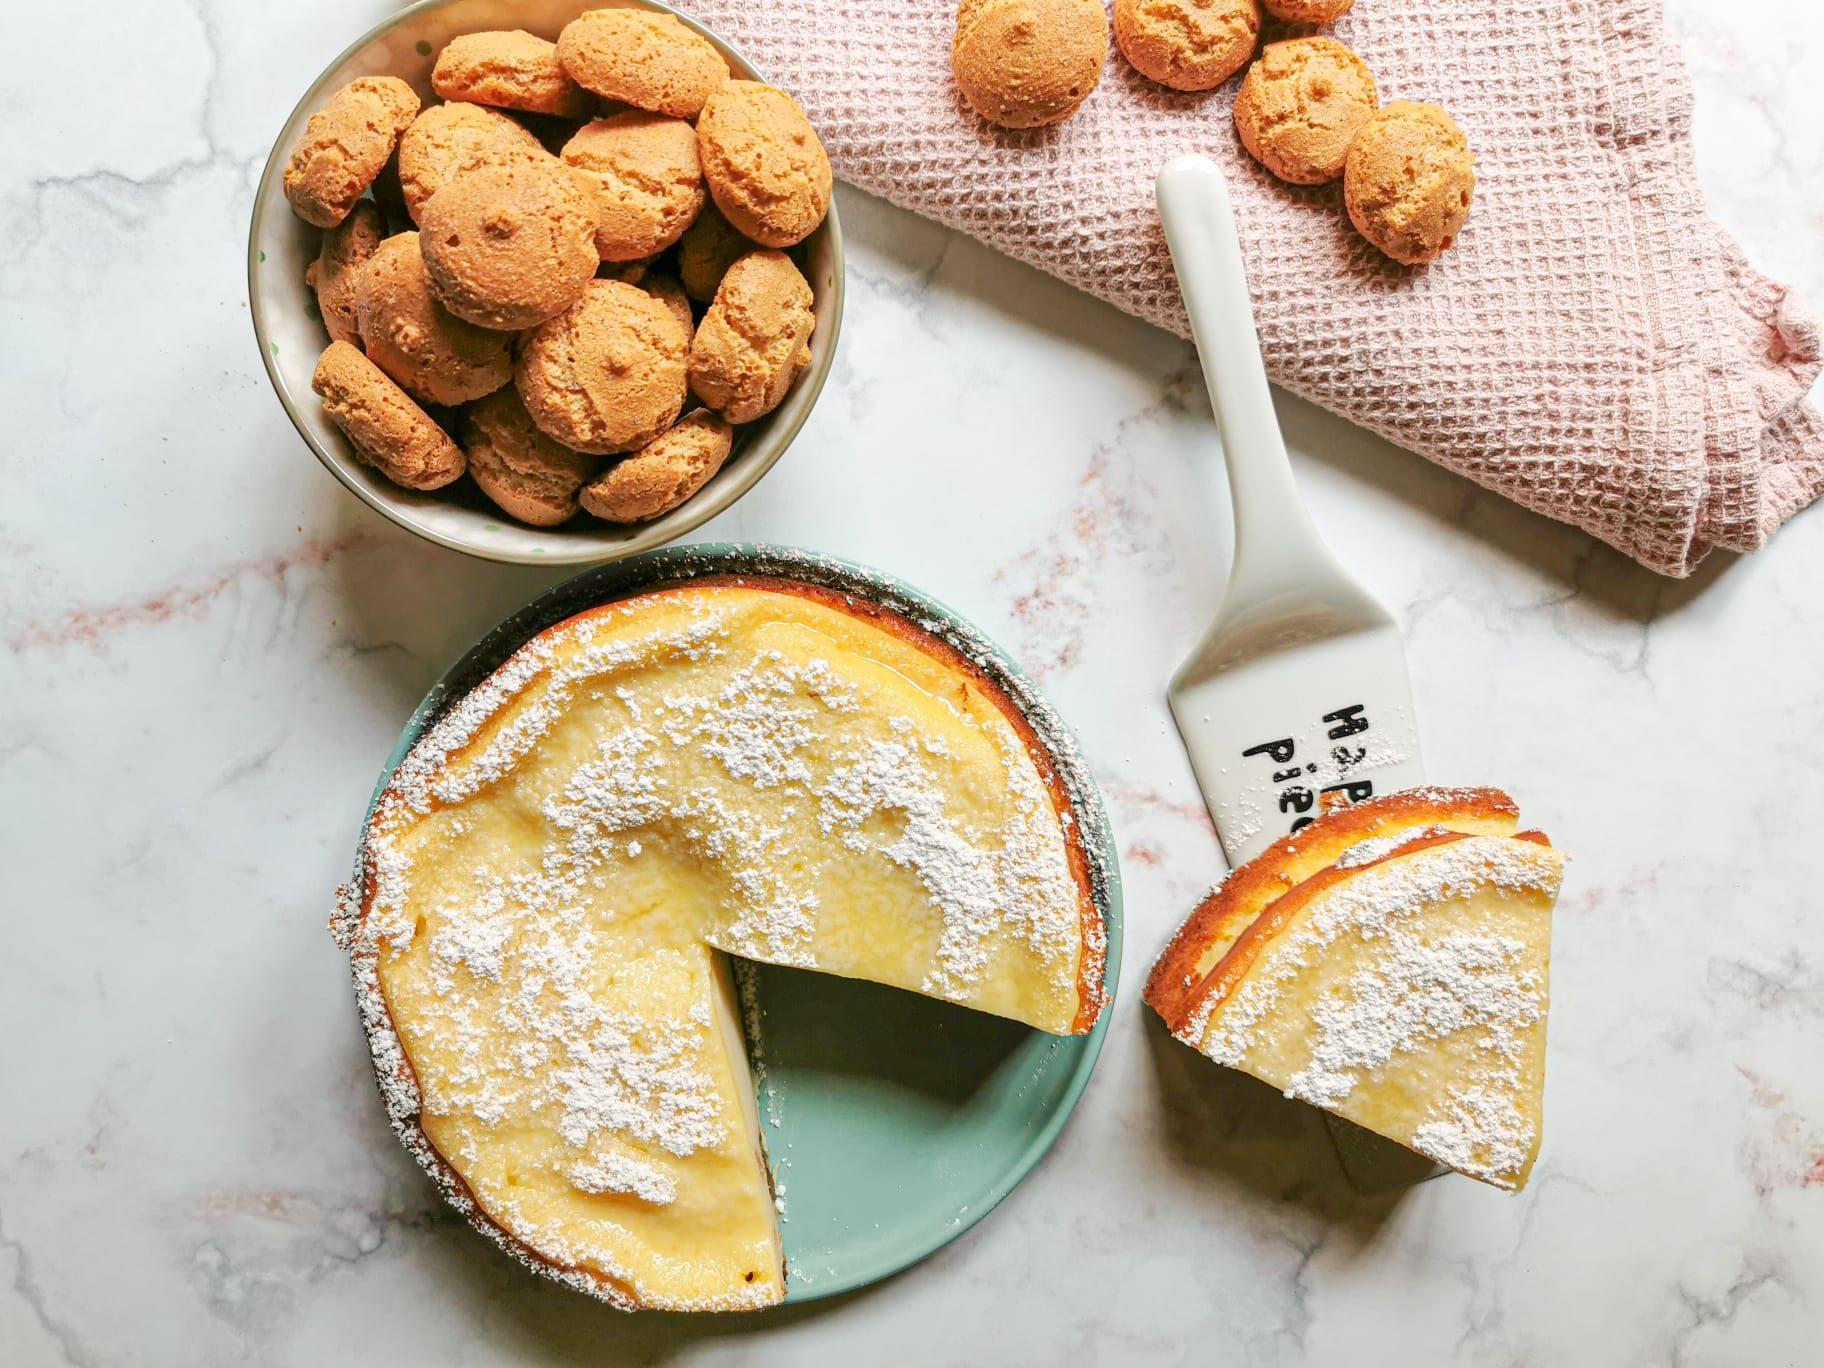 Torta senza glutine ricotta e amaretti: il dessert morbido e goloso